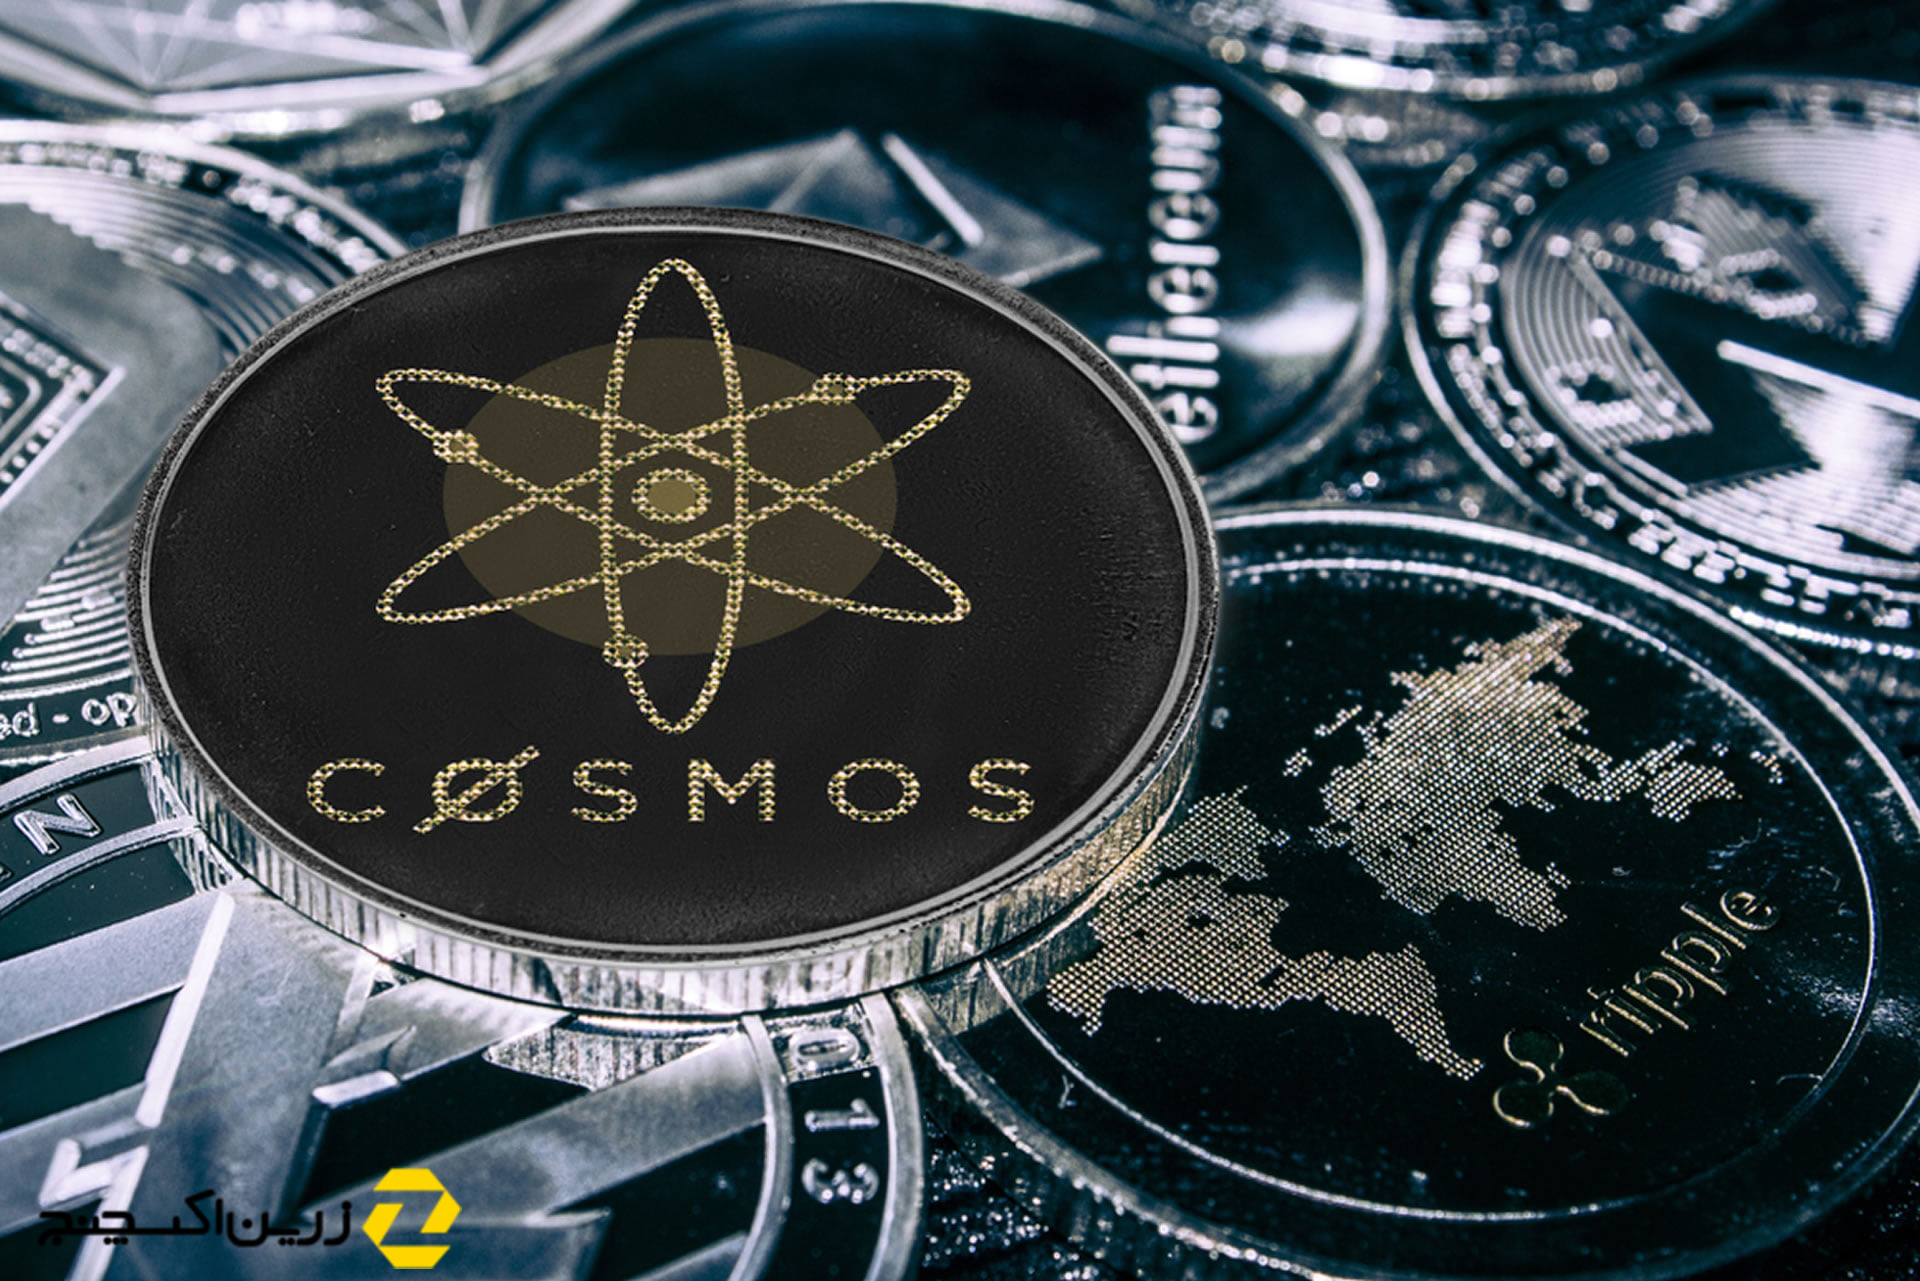 کازماس (Cosmos) چیست و همه چیز درباره توکن آن بنام اتم Atom